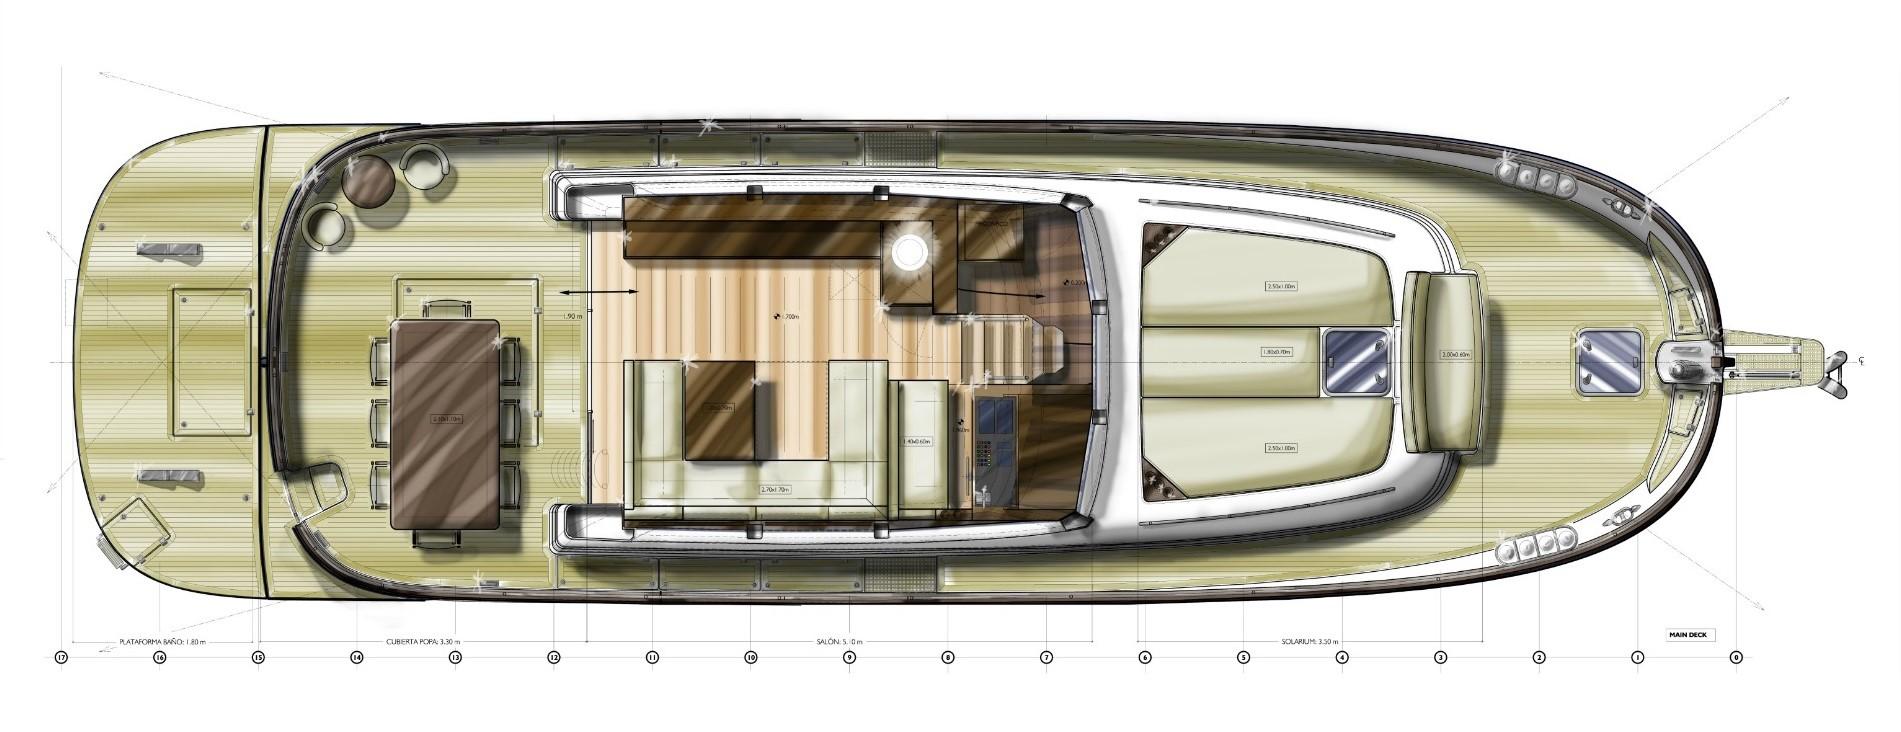 minorca islander 54 hardtop main deck layout 2